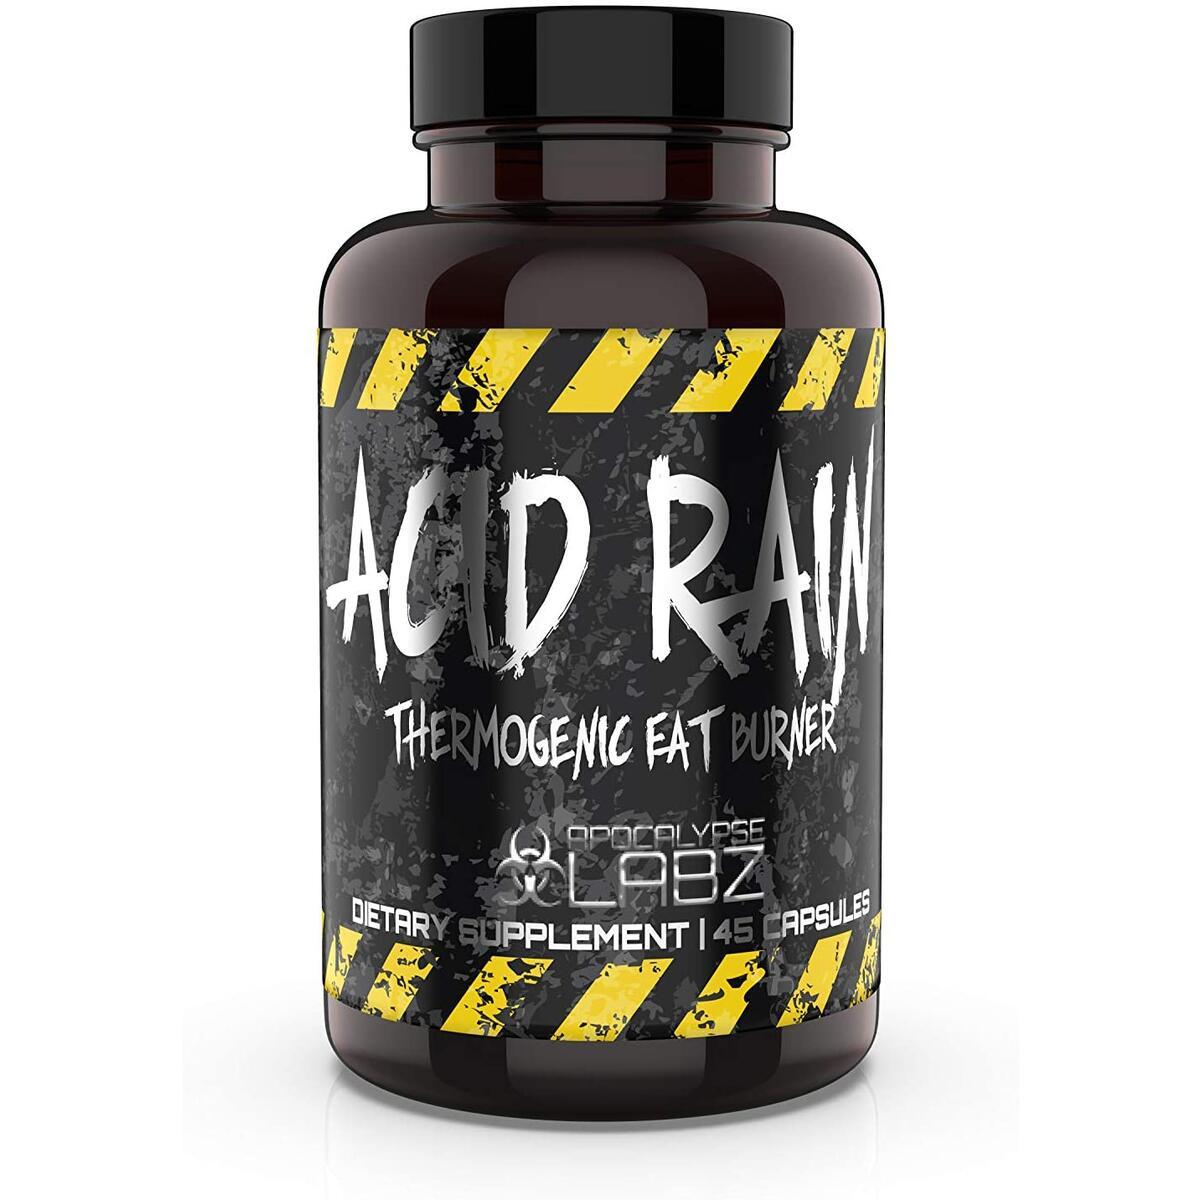 Acid Rain Thermogenic Fat Burner